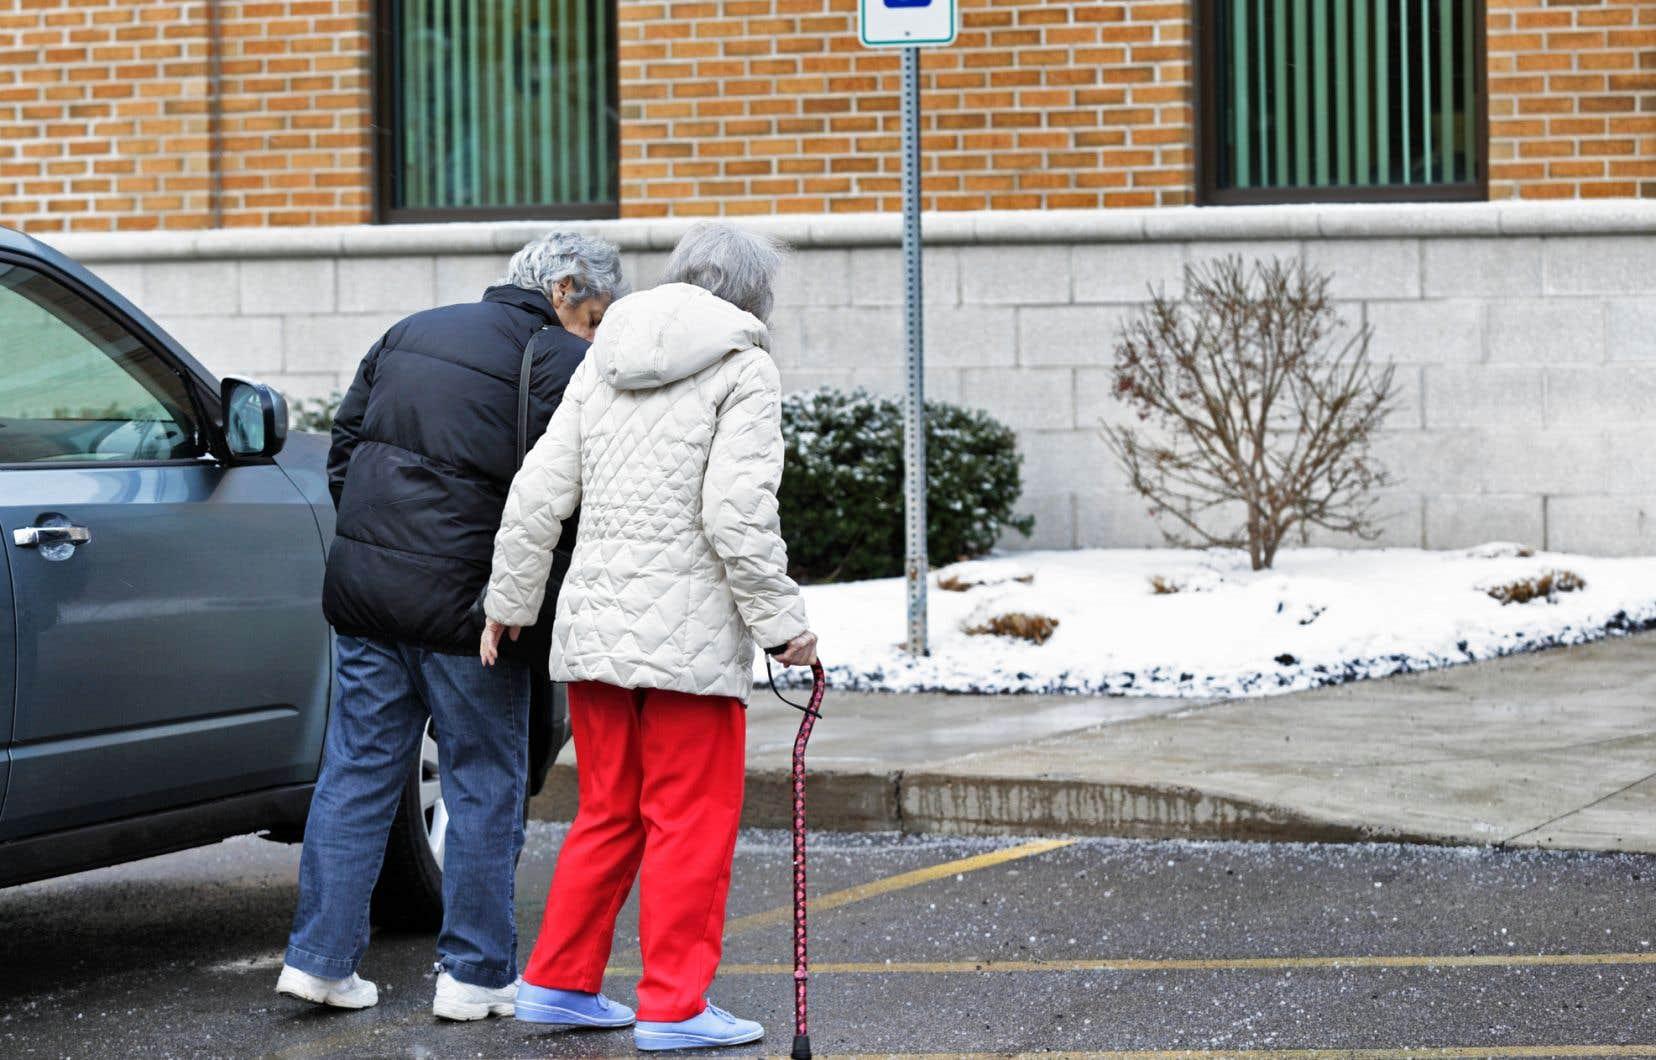 Dans certains établissements, si l'usager n'a pas besoin d'assistance pour se déplacer à l'intérieur, le bénévole ne peut demeurer dans l'installation.